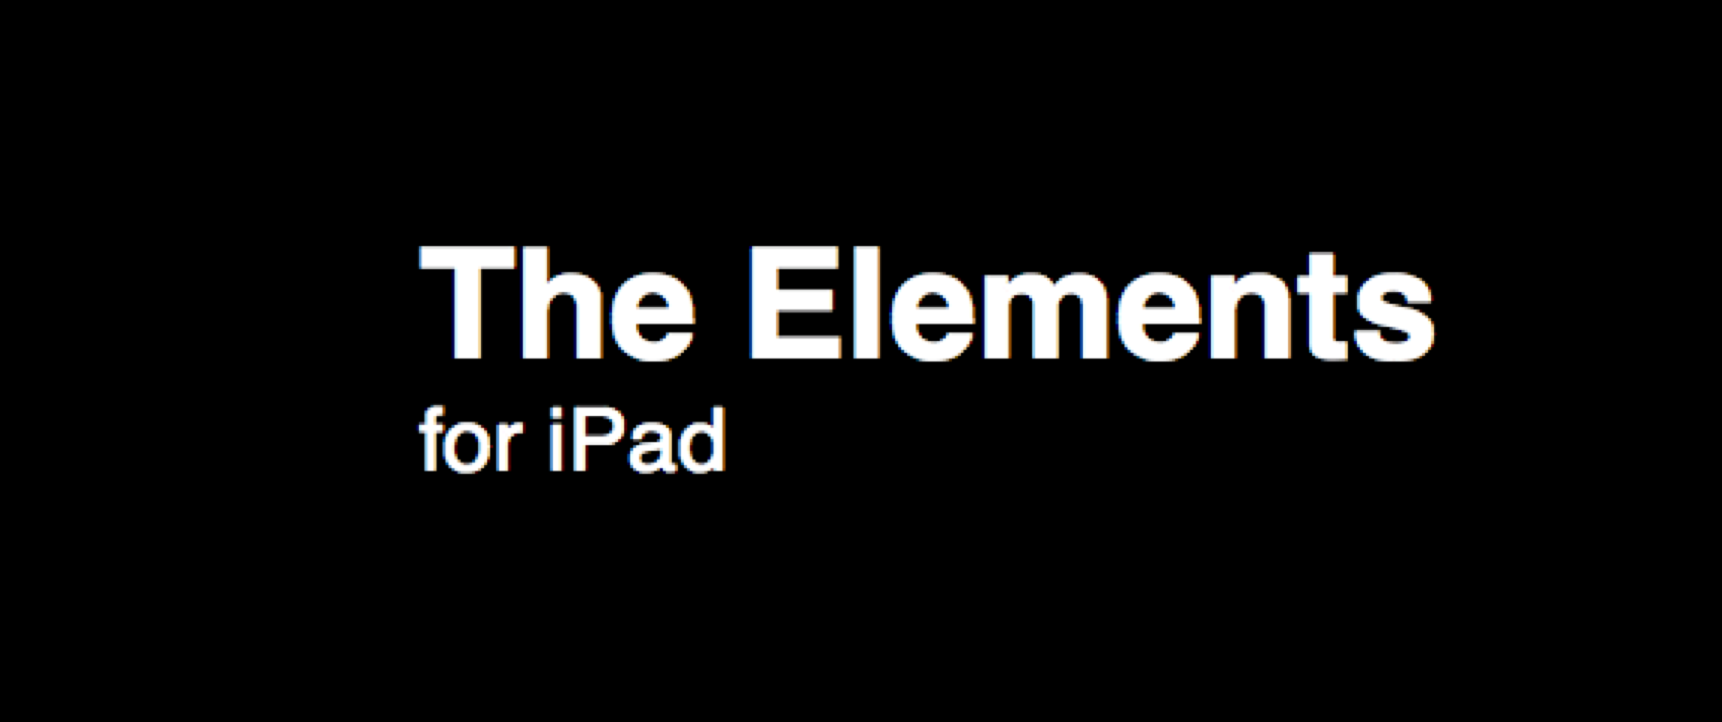 avrmagazine_gli elementi_app_iPad_0